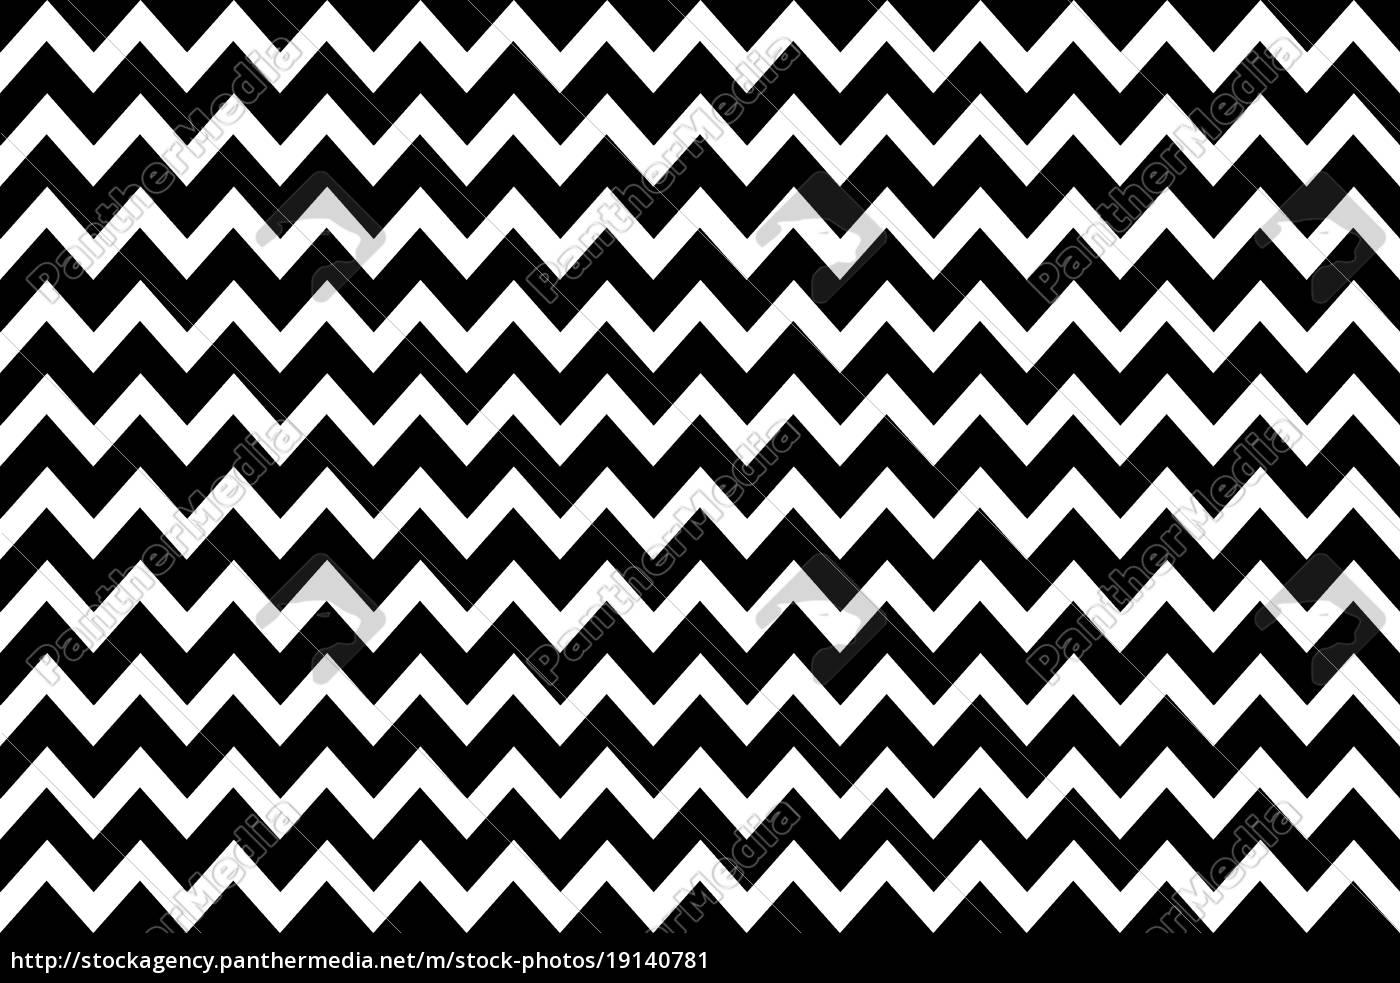 Vektor Nahtlose Muster Schwarz Weiss Geometrischen 1